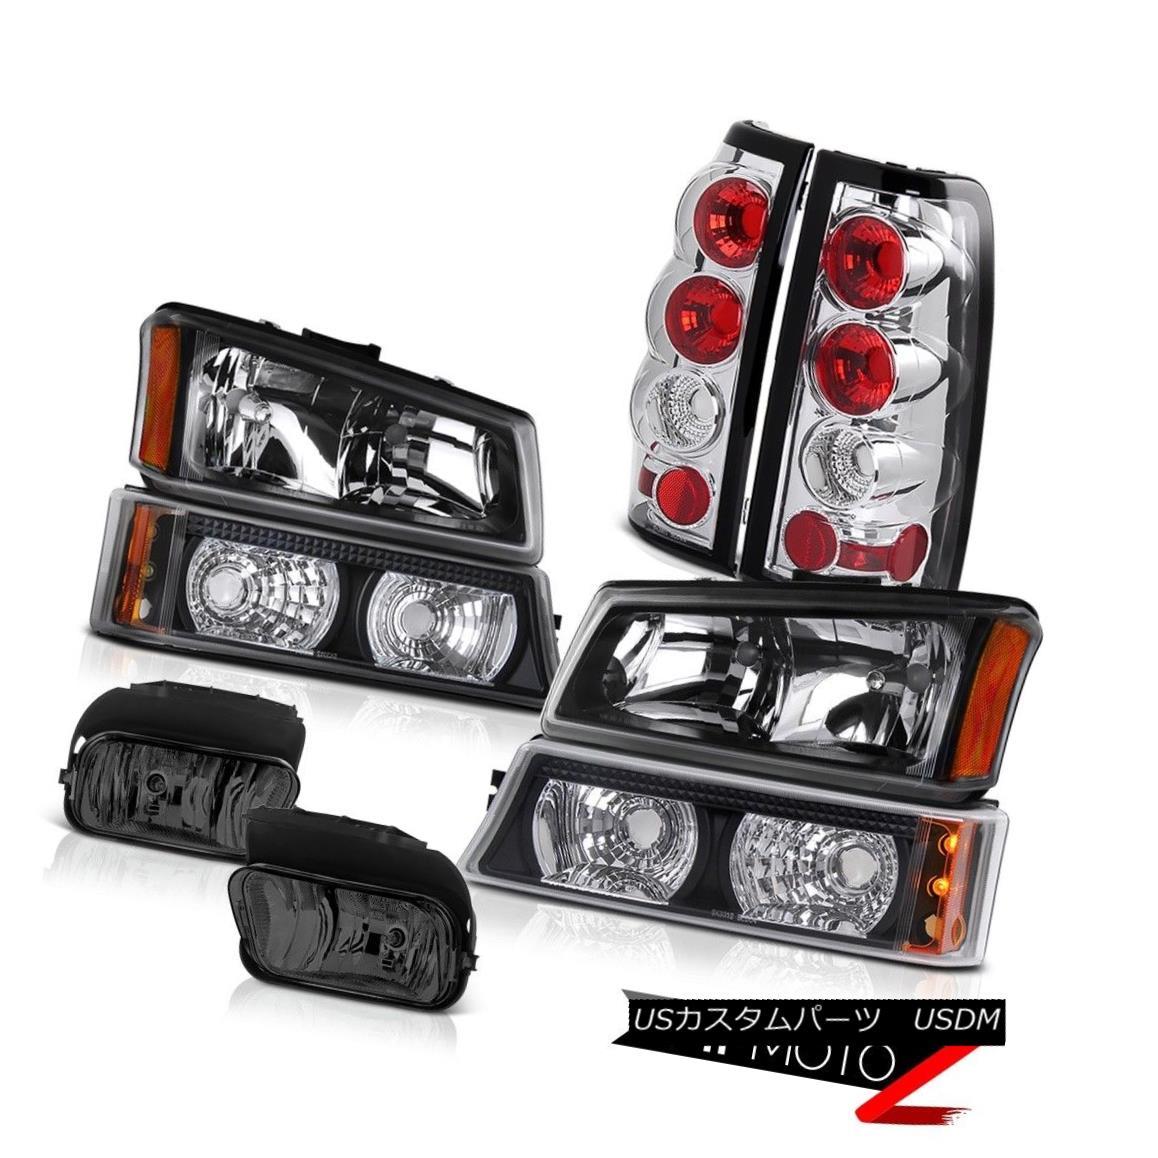 ヘッドライト 03 04 Silverado 6.0L V8 Clear/Black Headlights Signal Bumper Rear Tail Lamps Fog 03 04 Silverado 6.0L V8クリア/ブラックヘッドライト信号バンパーリアテールランプフォグ